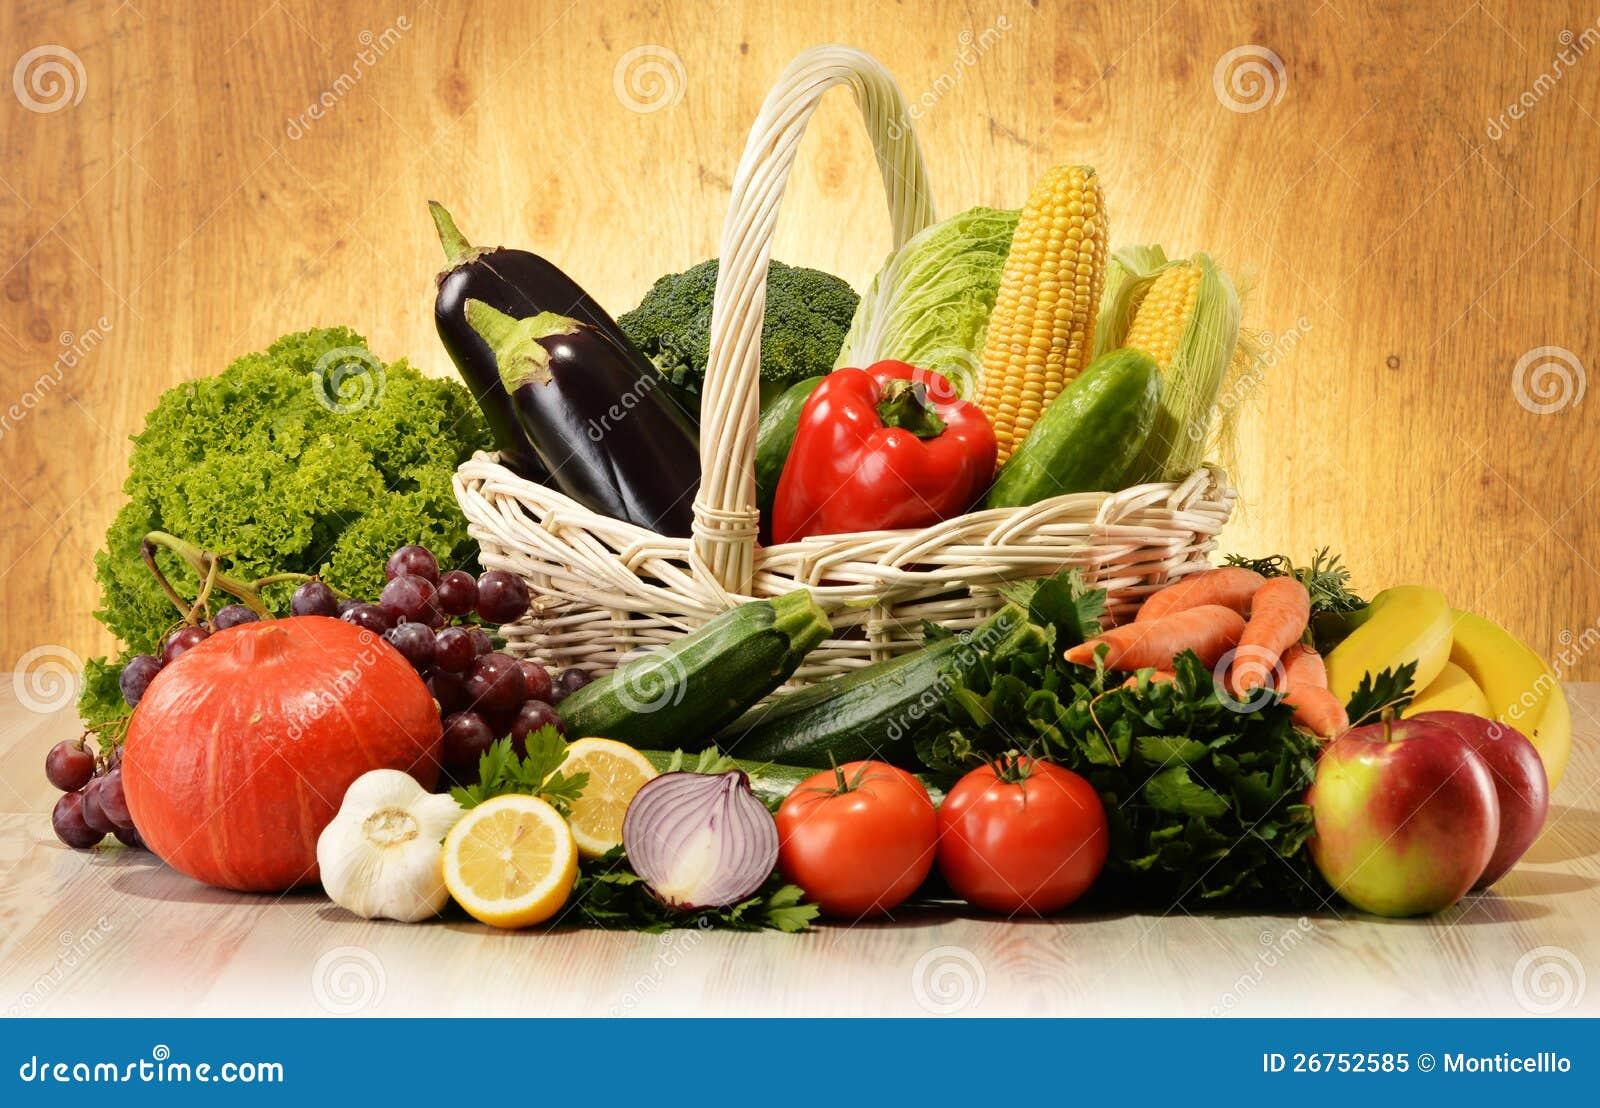 Фрукты и овощи в корзине Wicker Стоковое Изображение ...